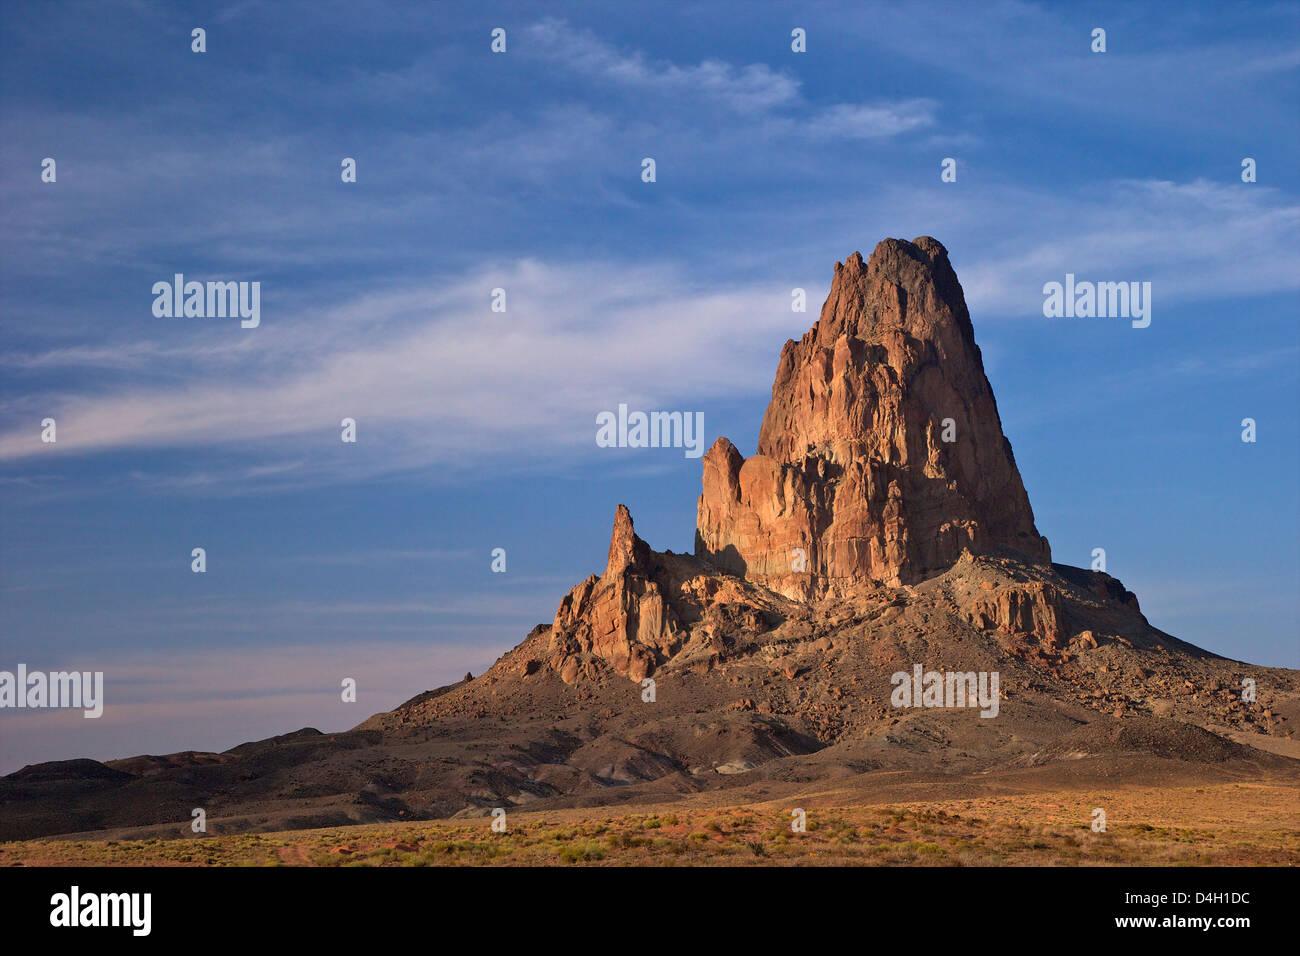 La luz del sol de la mañana en el habitante Agathia (pico), cerca de Monument Valley, Arizona Highway 163, Imagen De Stock